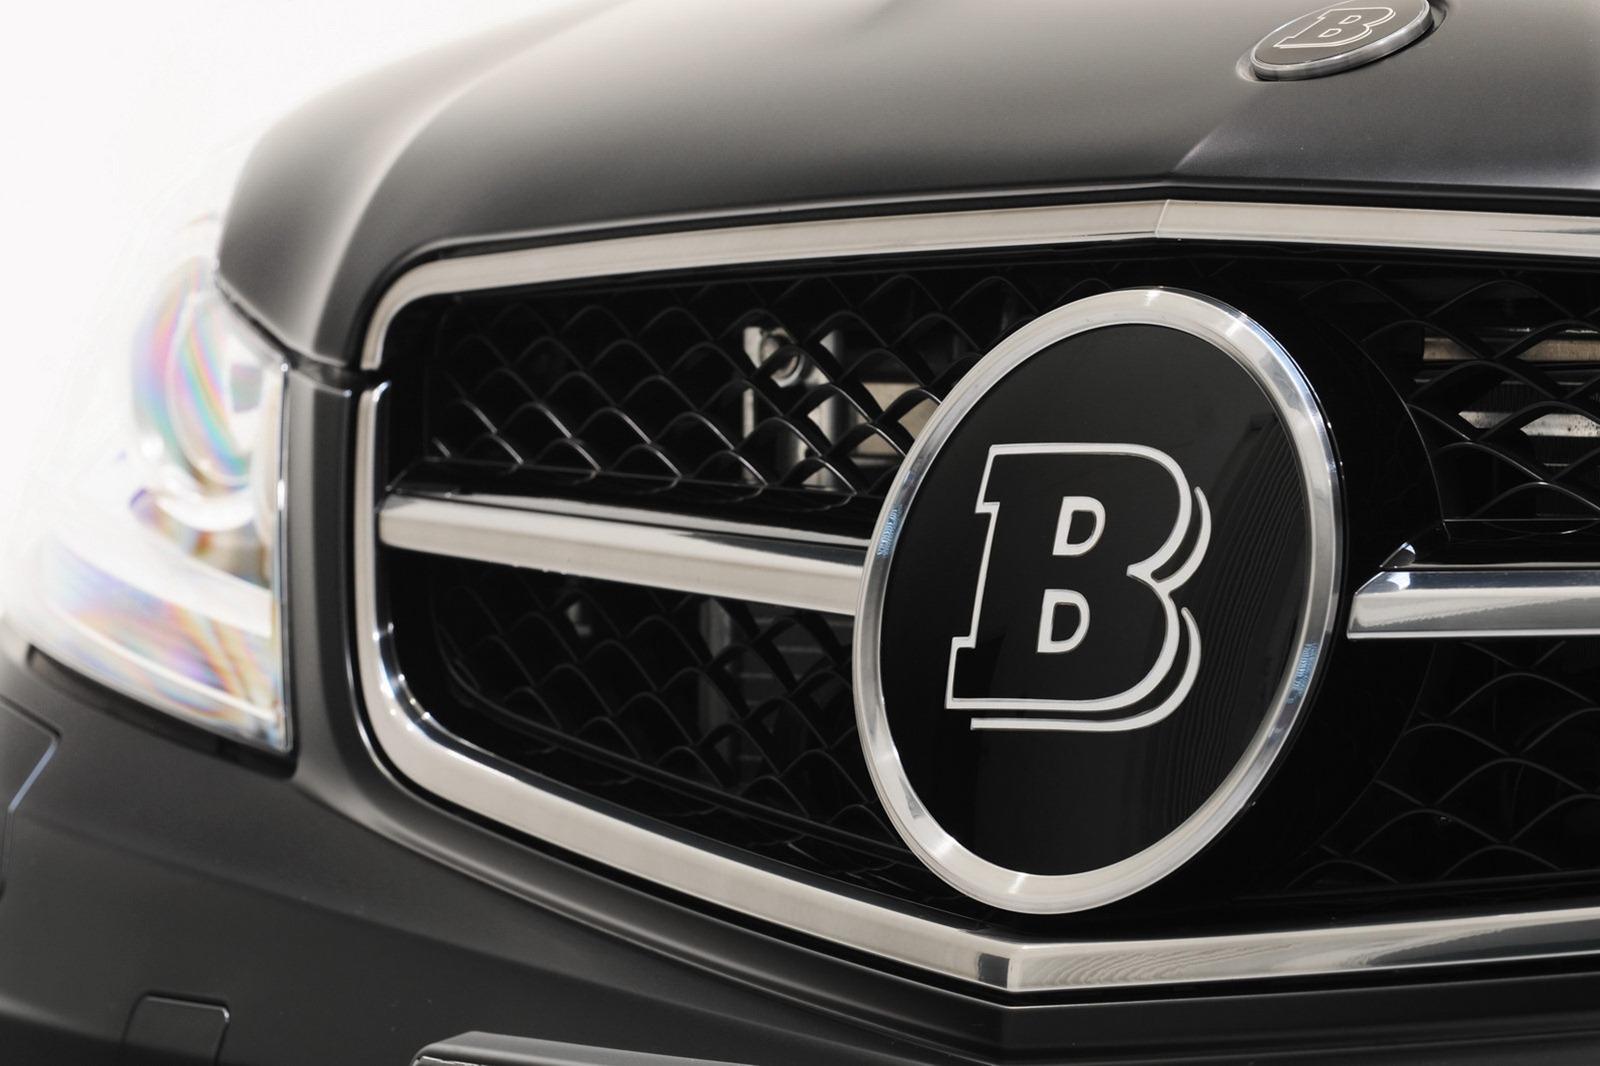 囹�a�.���,��b_车头标志 b是什么车? 属于豪华轿车,,略带奔驰的风格肯定不是宾利